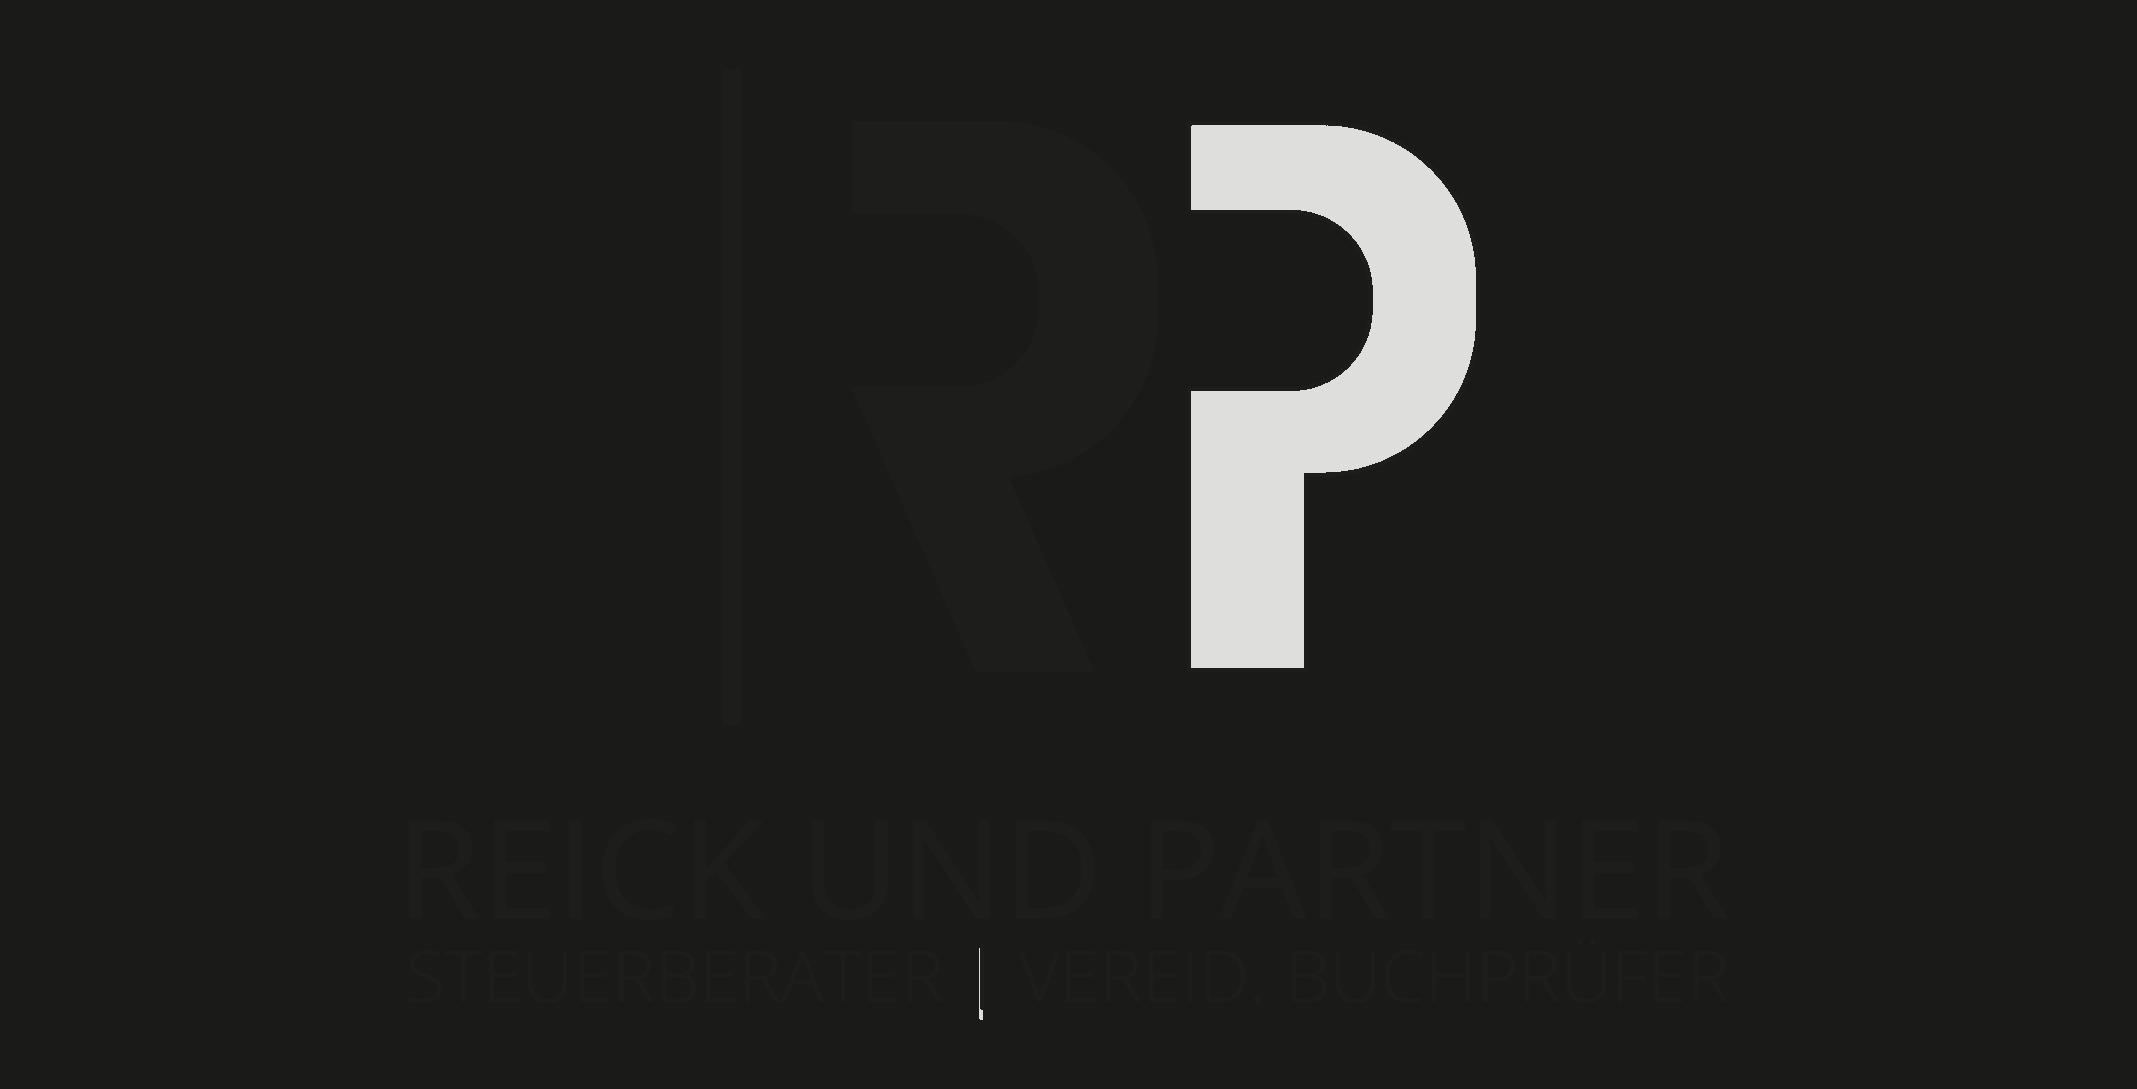 Reick & Partner